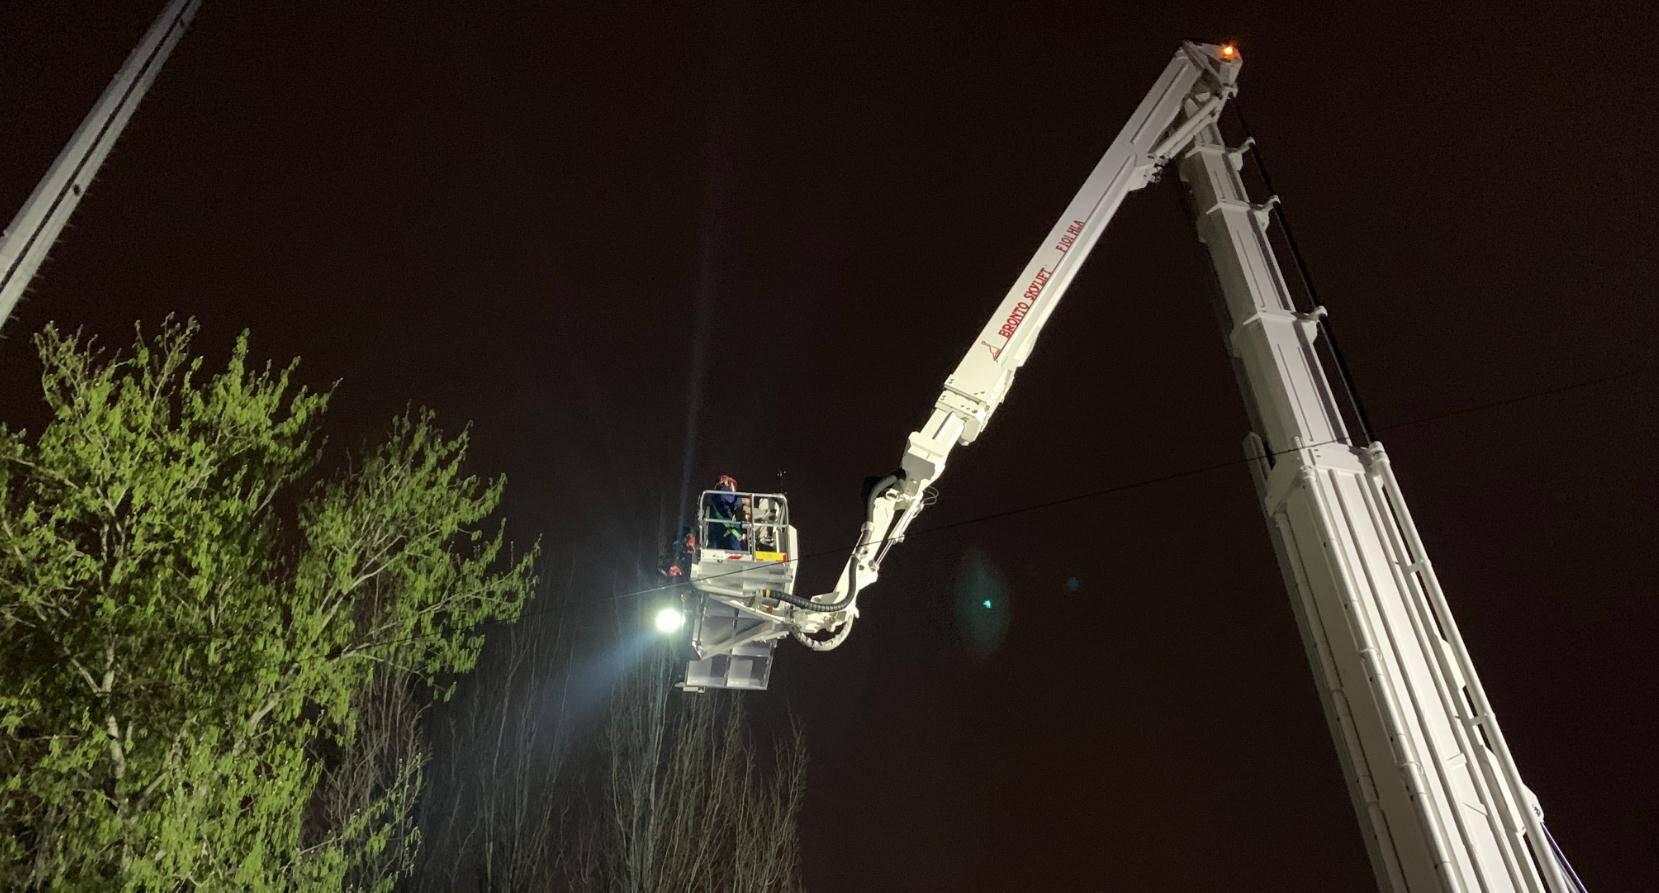 90秒 工人体力不支被困高空 济南101米登高平台消防车及时救助